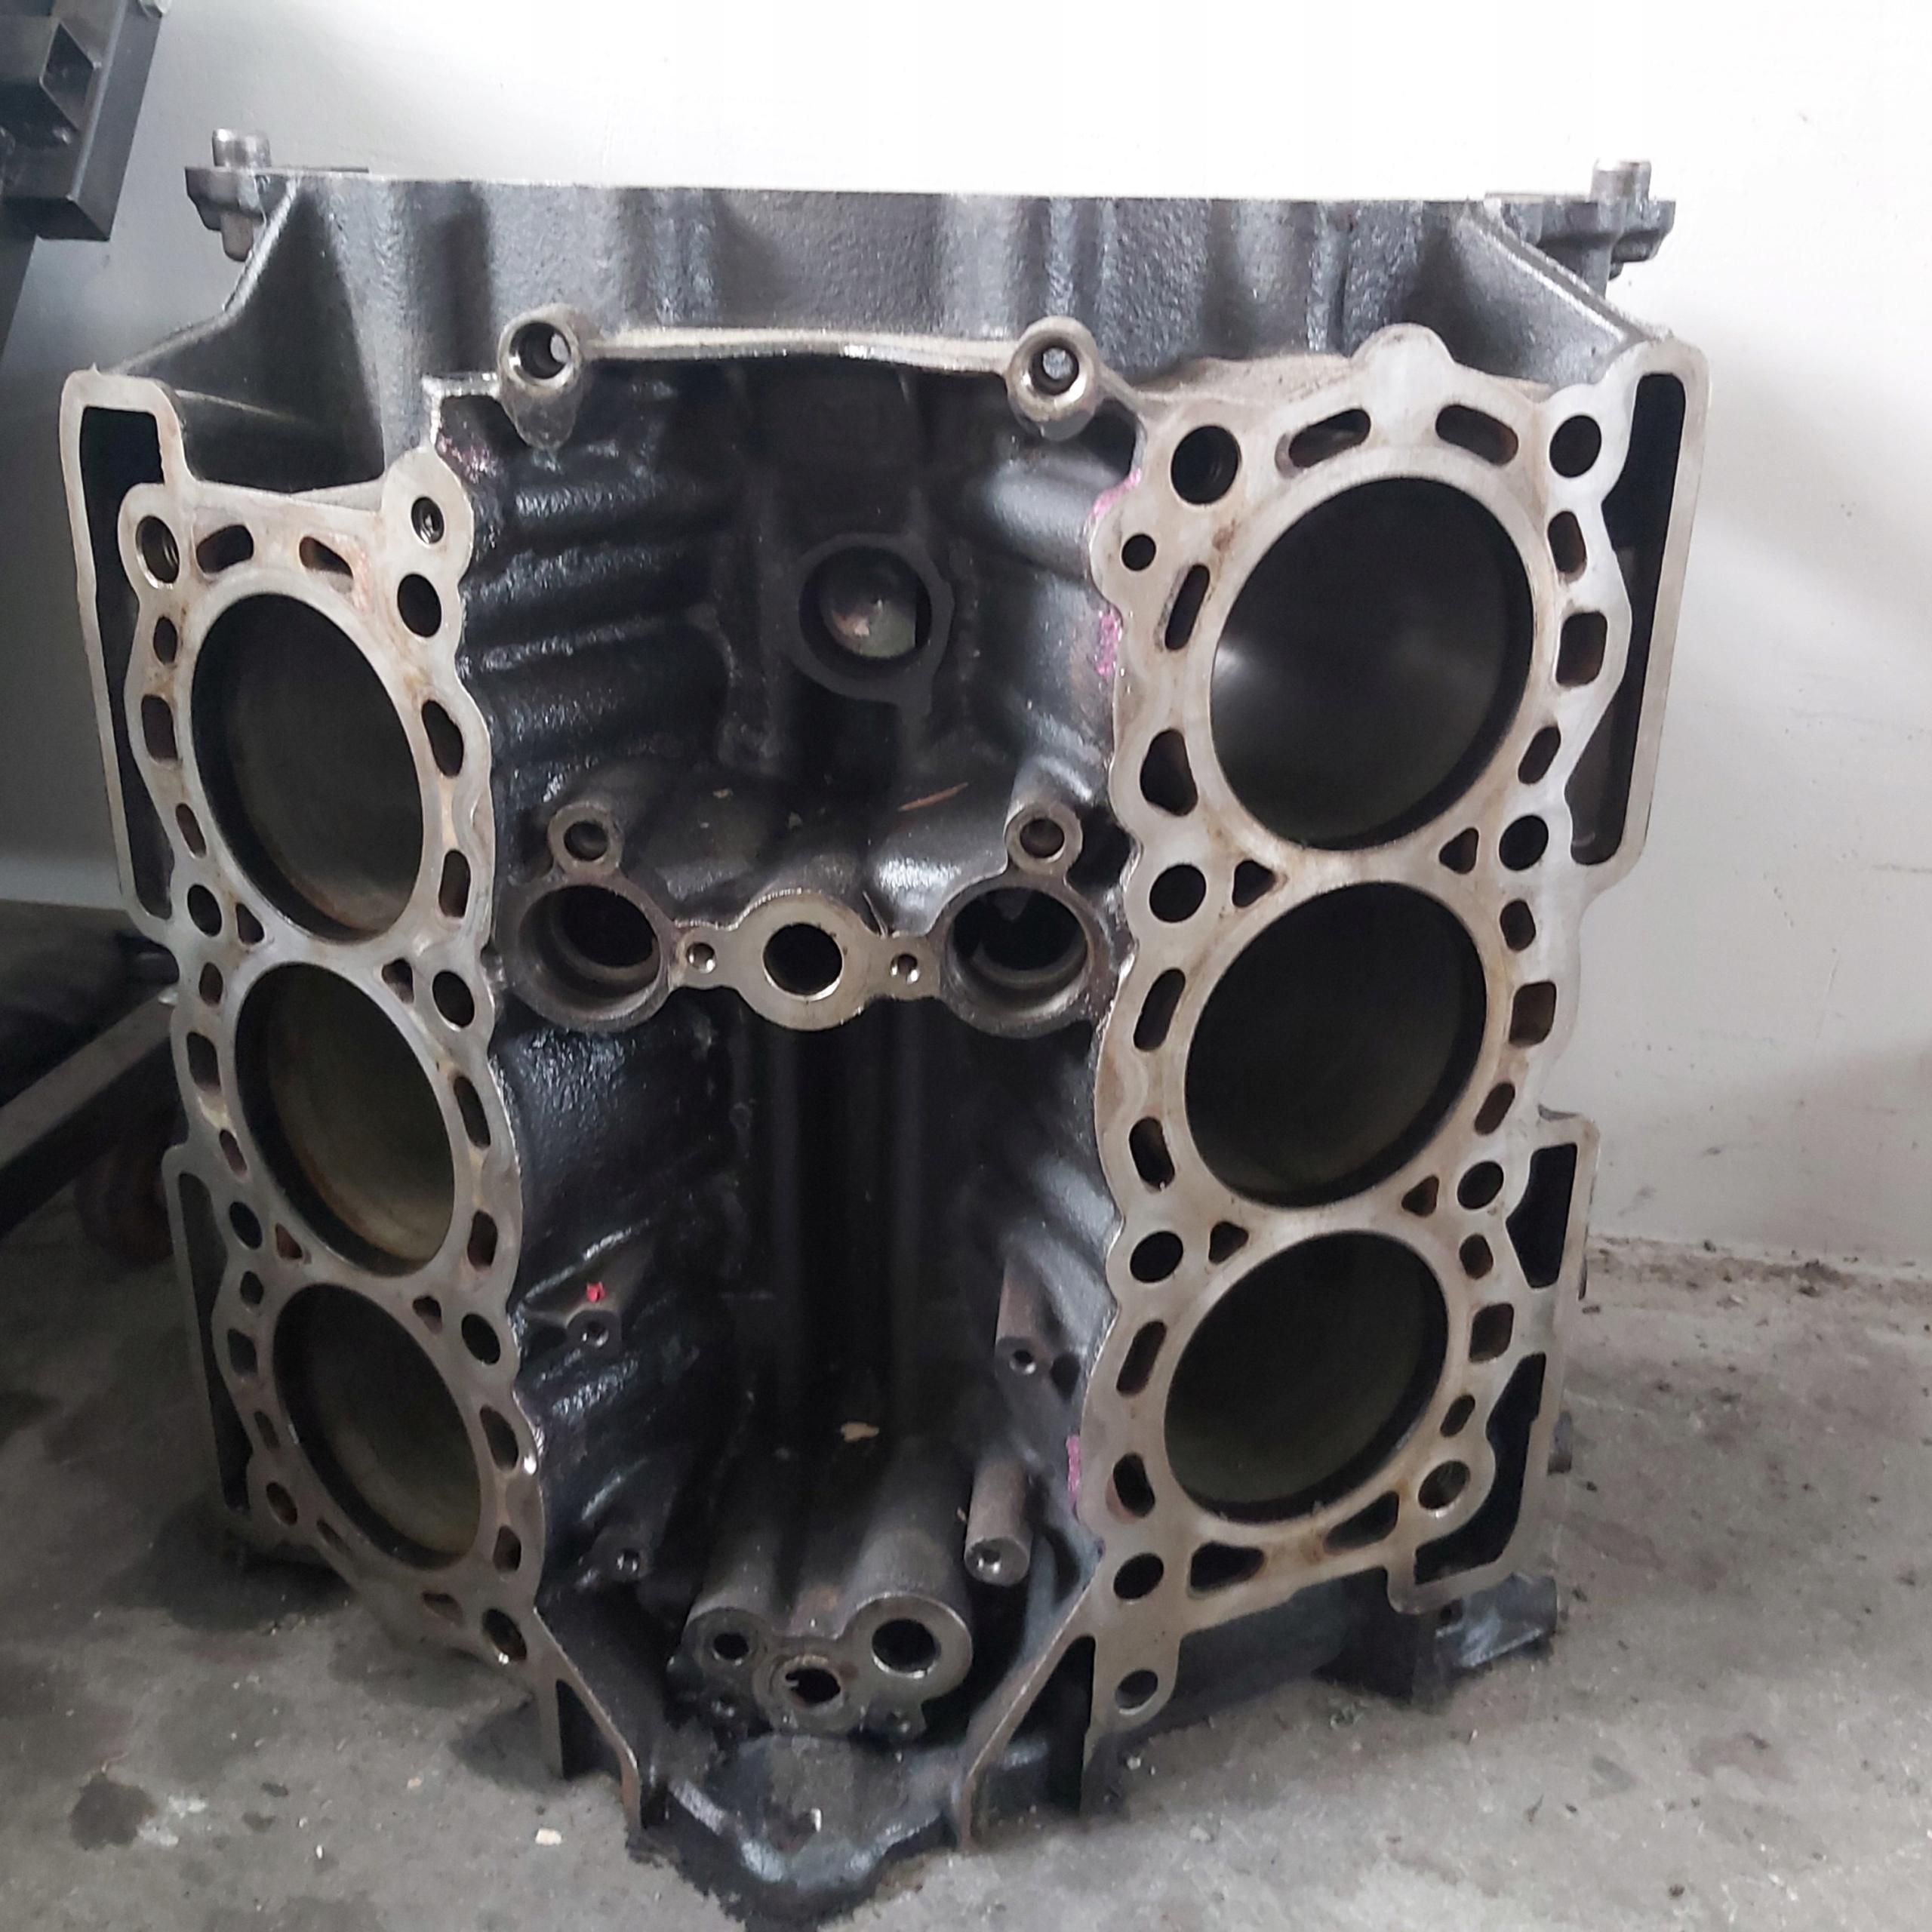 блок двигателя land rover 30 tdv6